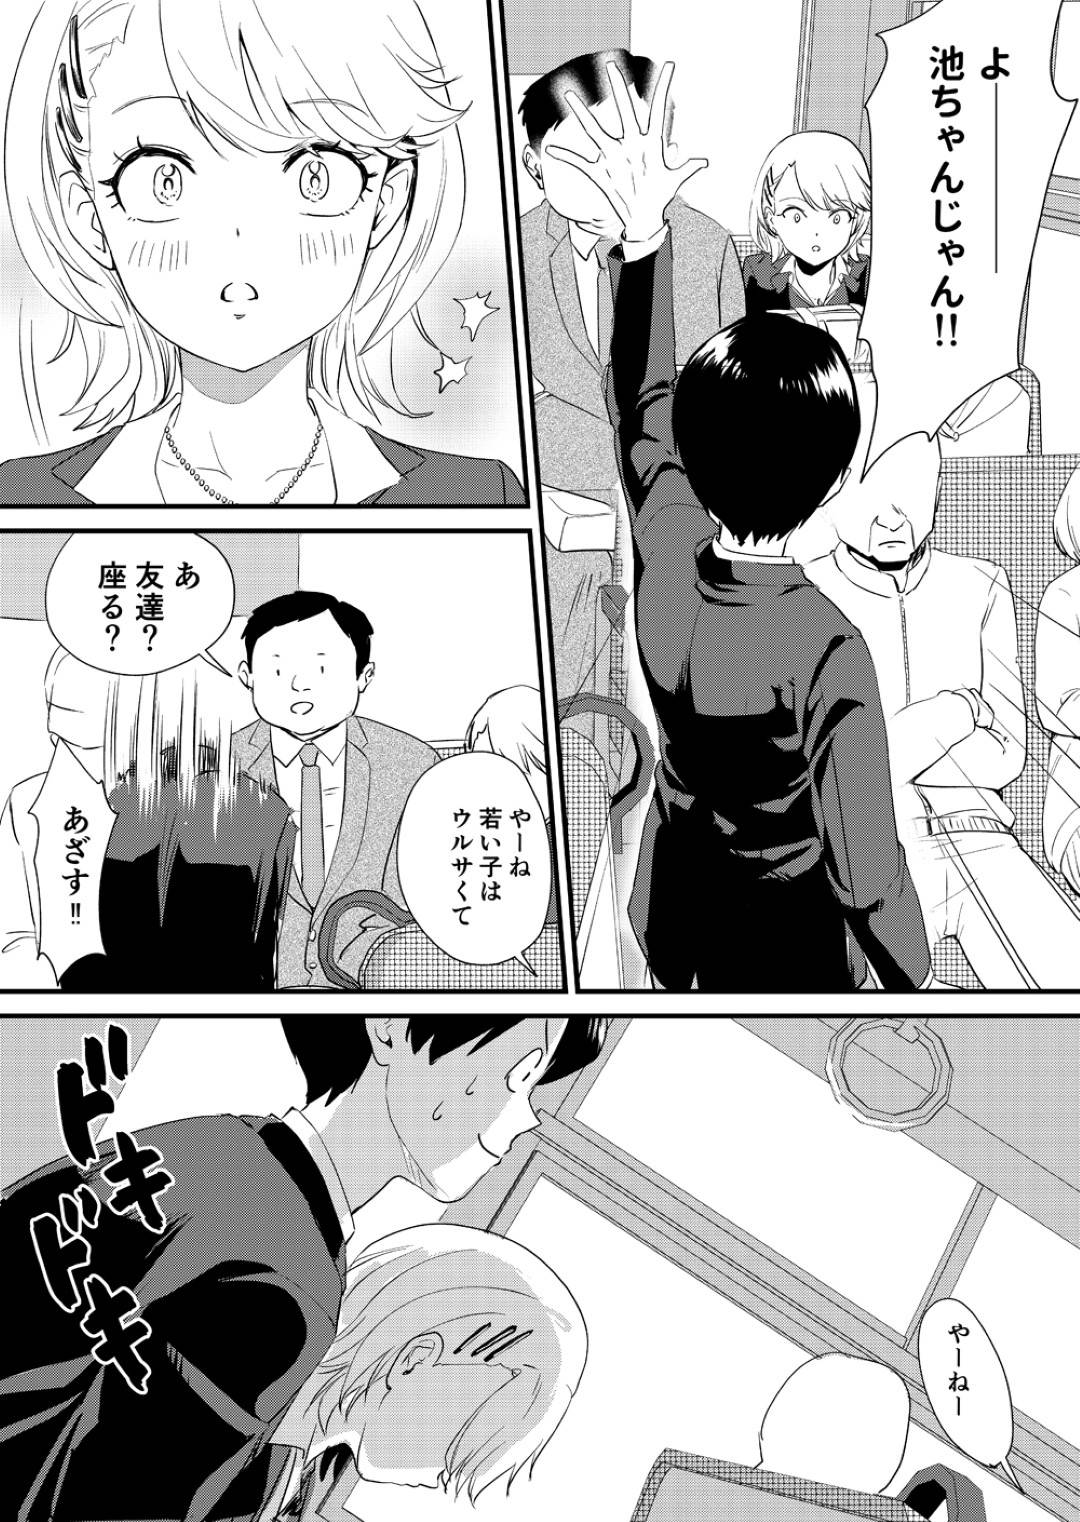 【エロ漫画】バスで同級生のギャルJKがオナニーをしていたのを目撃してしまった主人公。その事がきっかけで二人はバスでこっそりエッチな事をする展開になり、彼女に手マンしながらフェラさせて大量ぶっかけ射精してしまう。